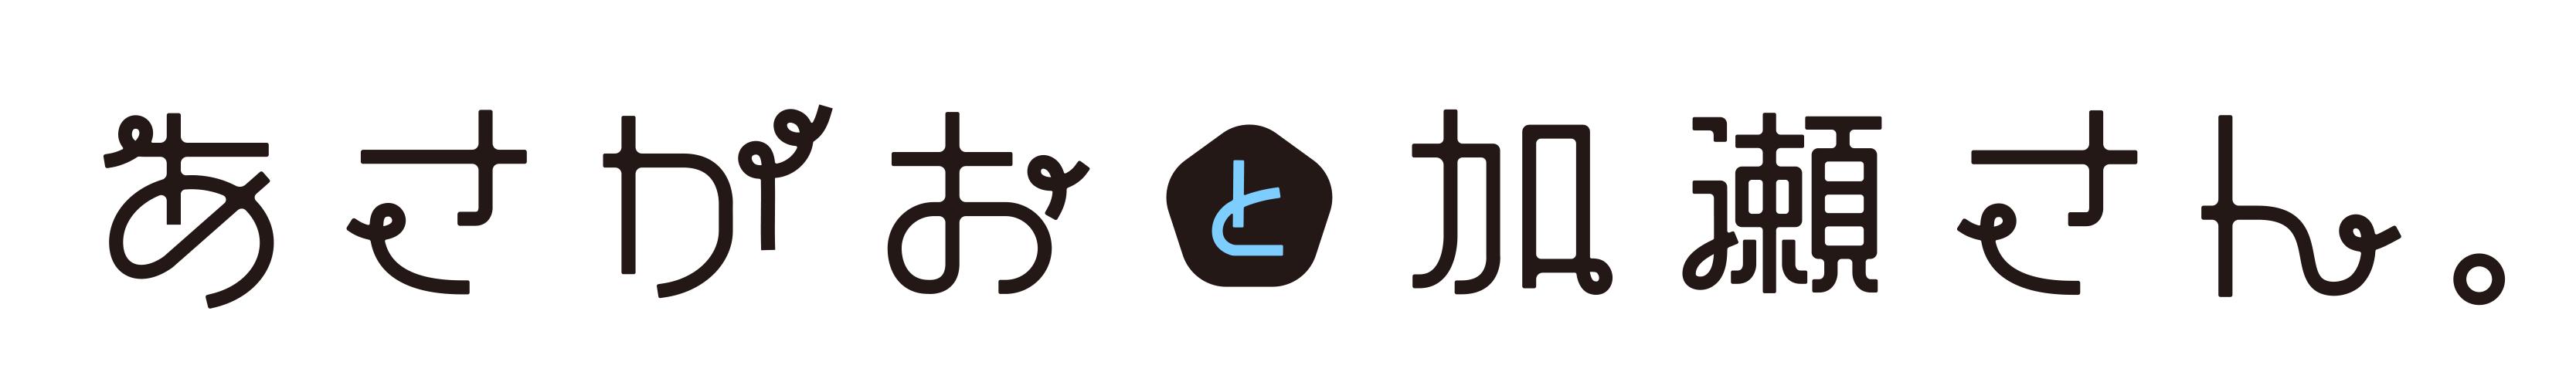 【あさがお】劇場ロゴ